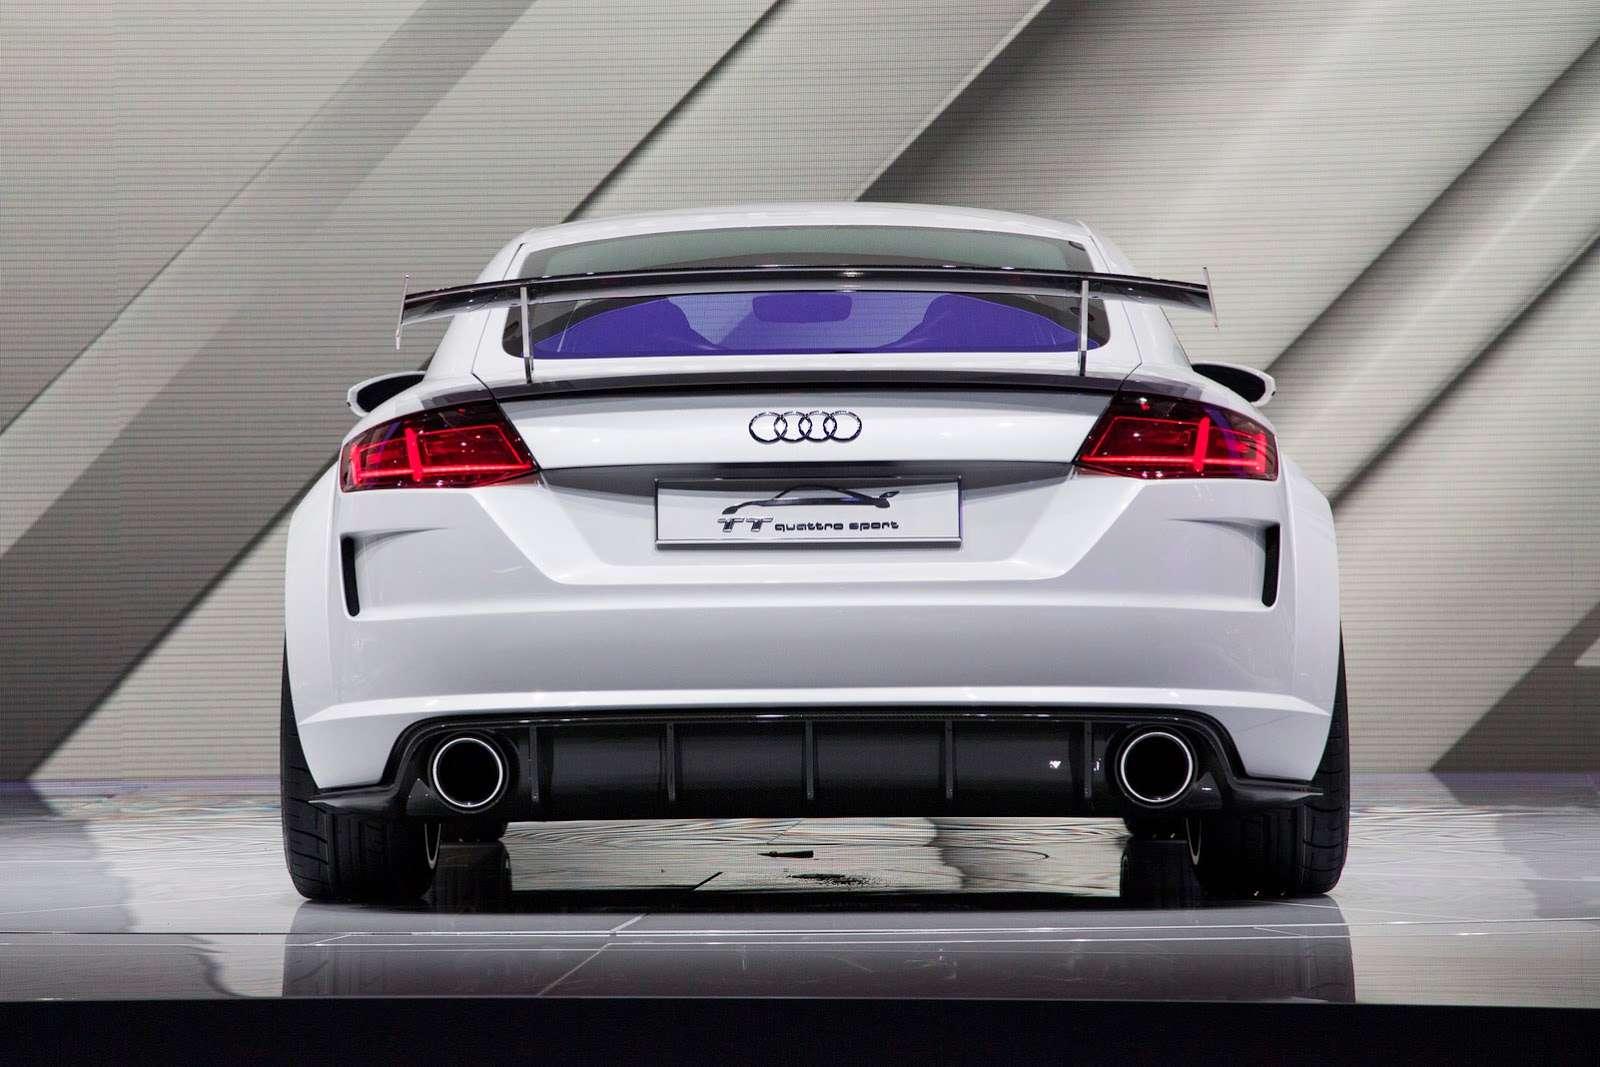 Audi tt quattro sport Geneva 2014